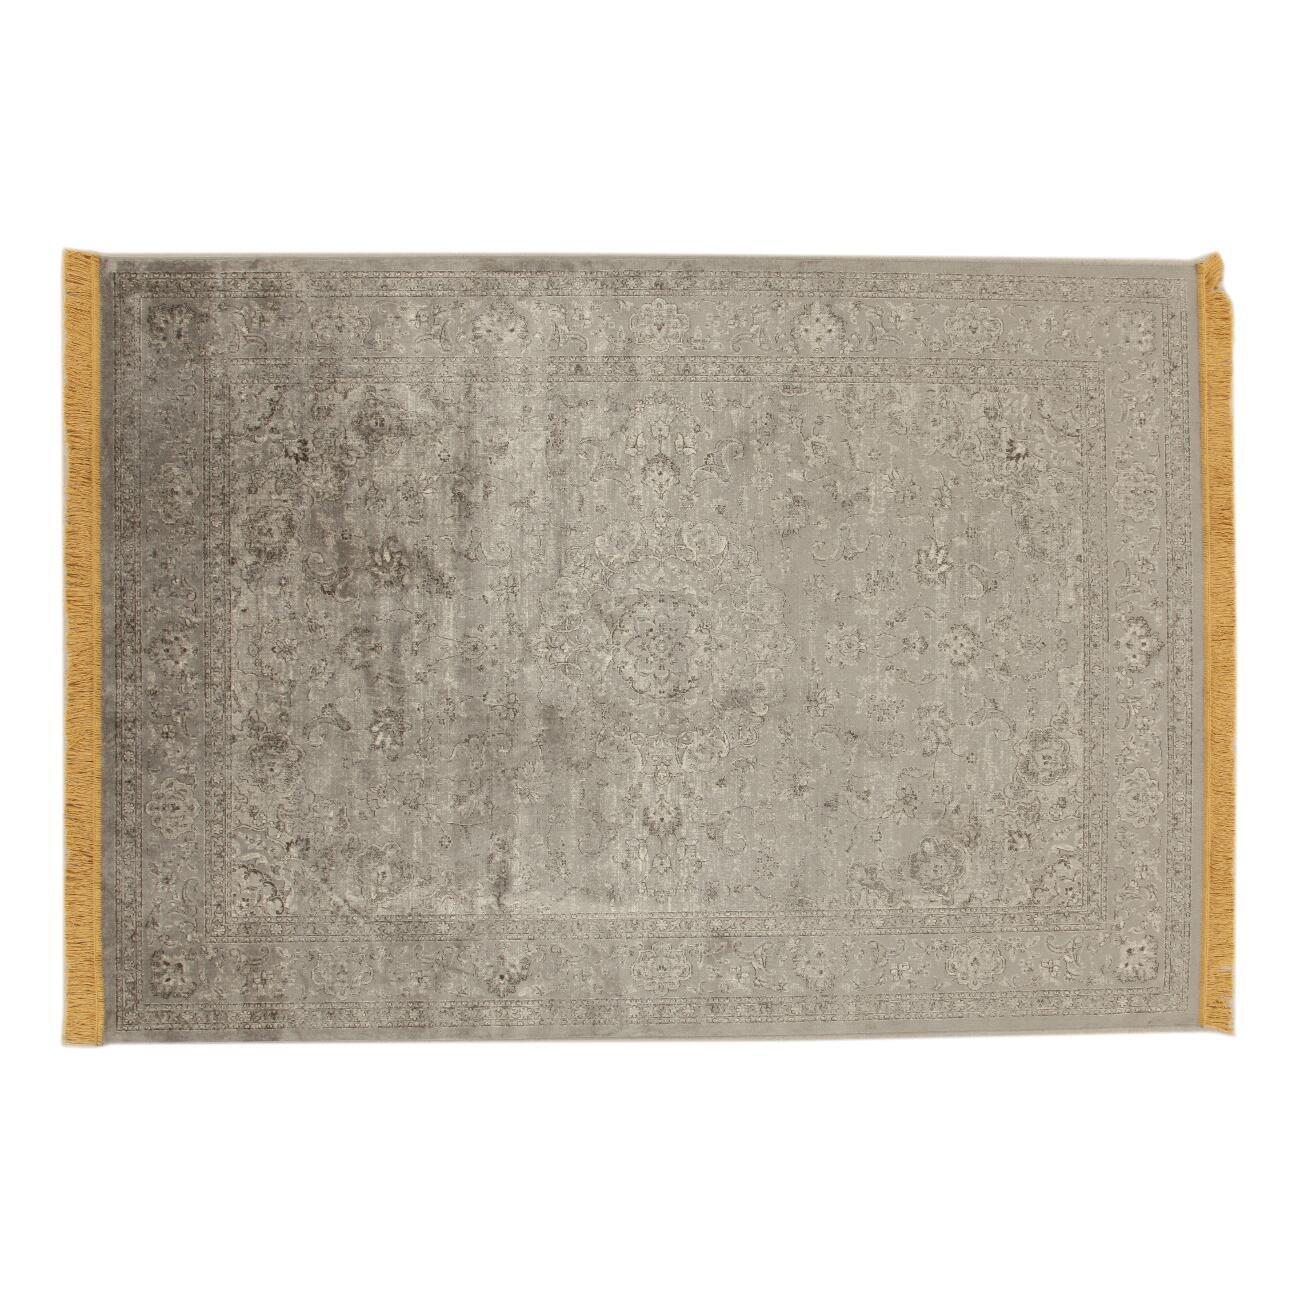 Tappeto persiano Extension in viscosa, giallo, 160x230 - 3